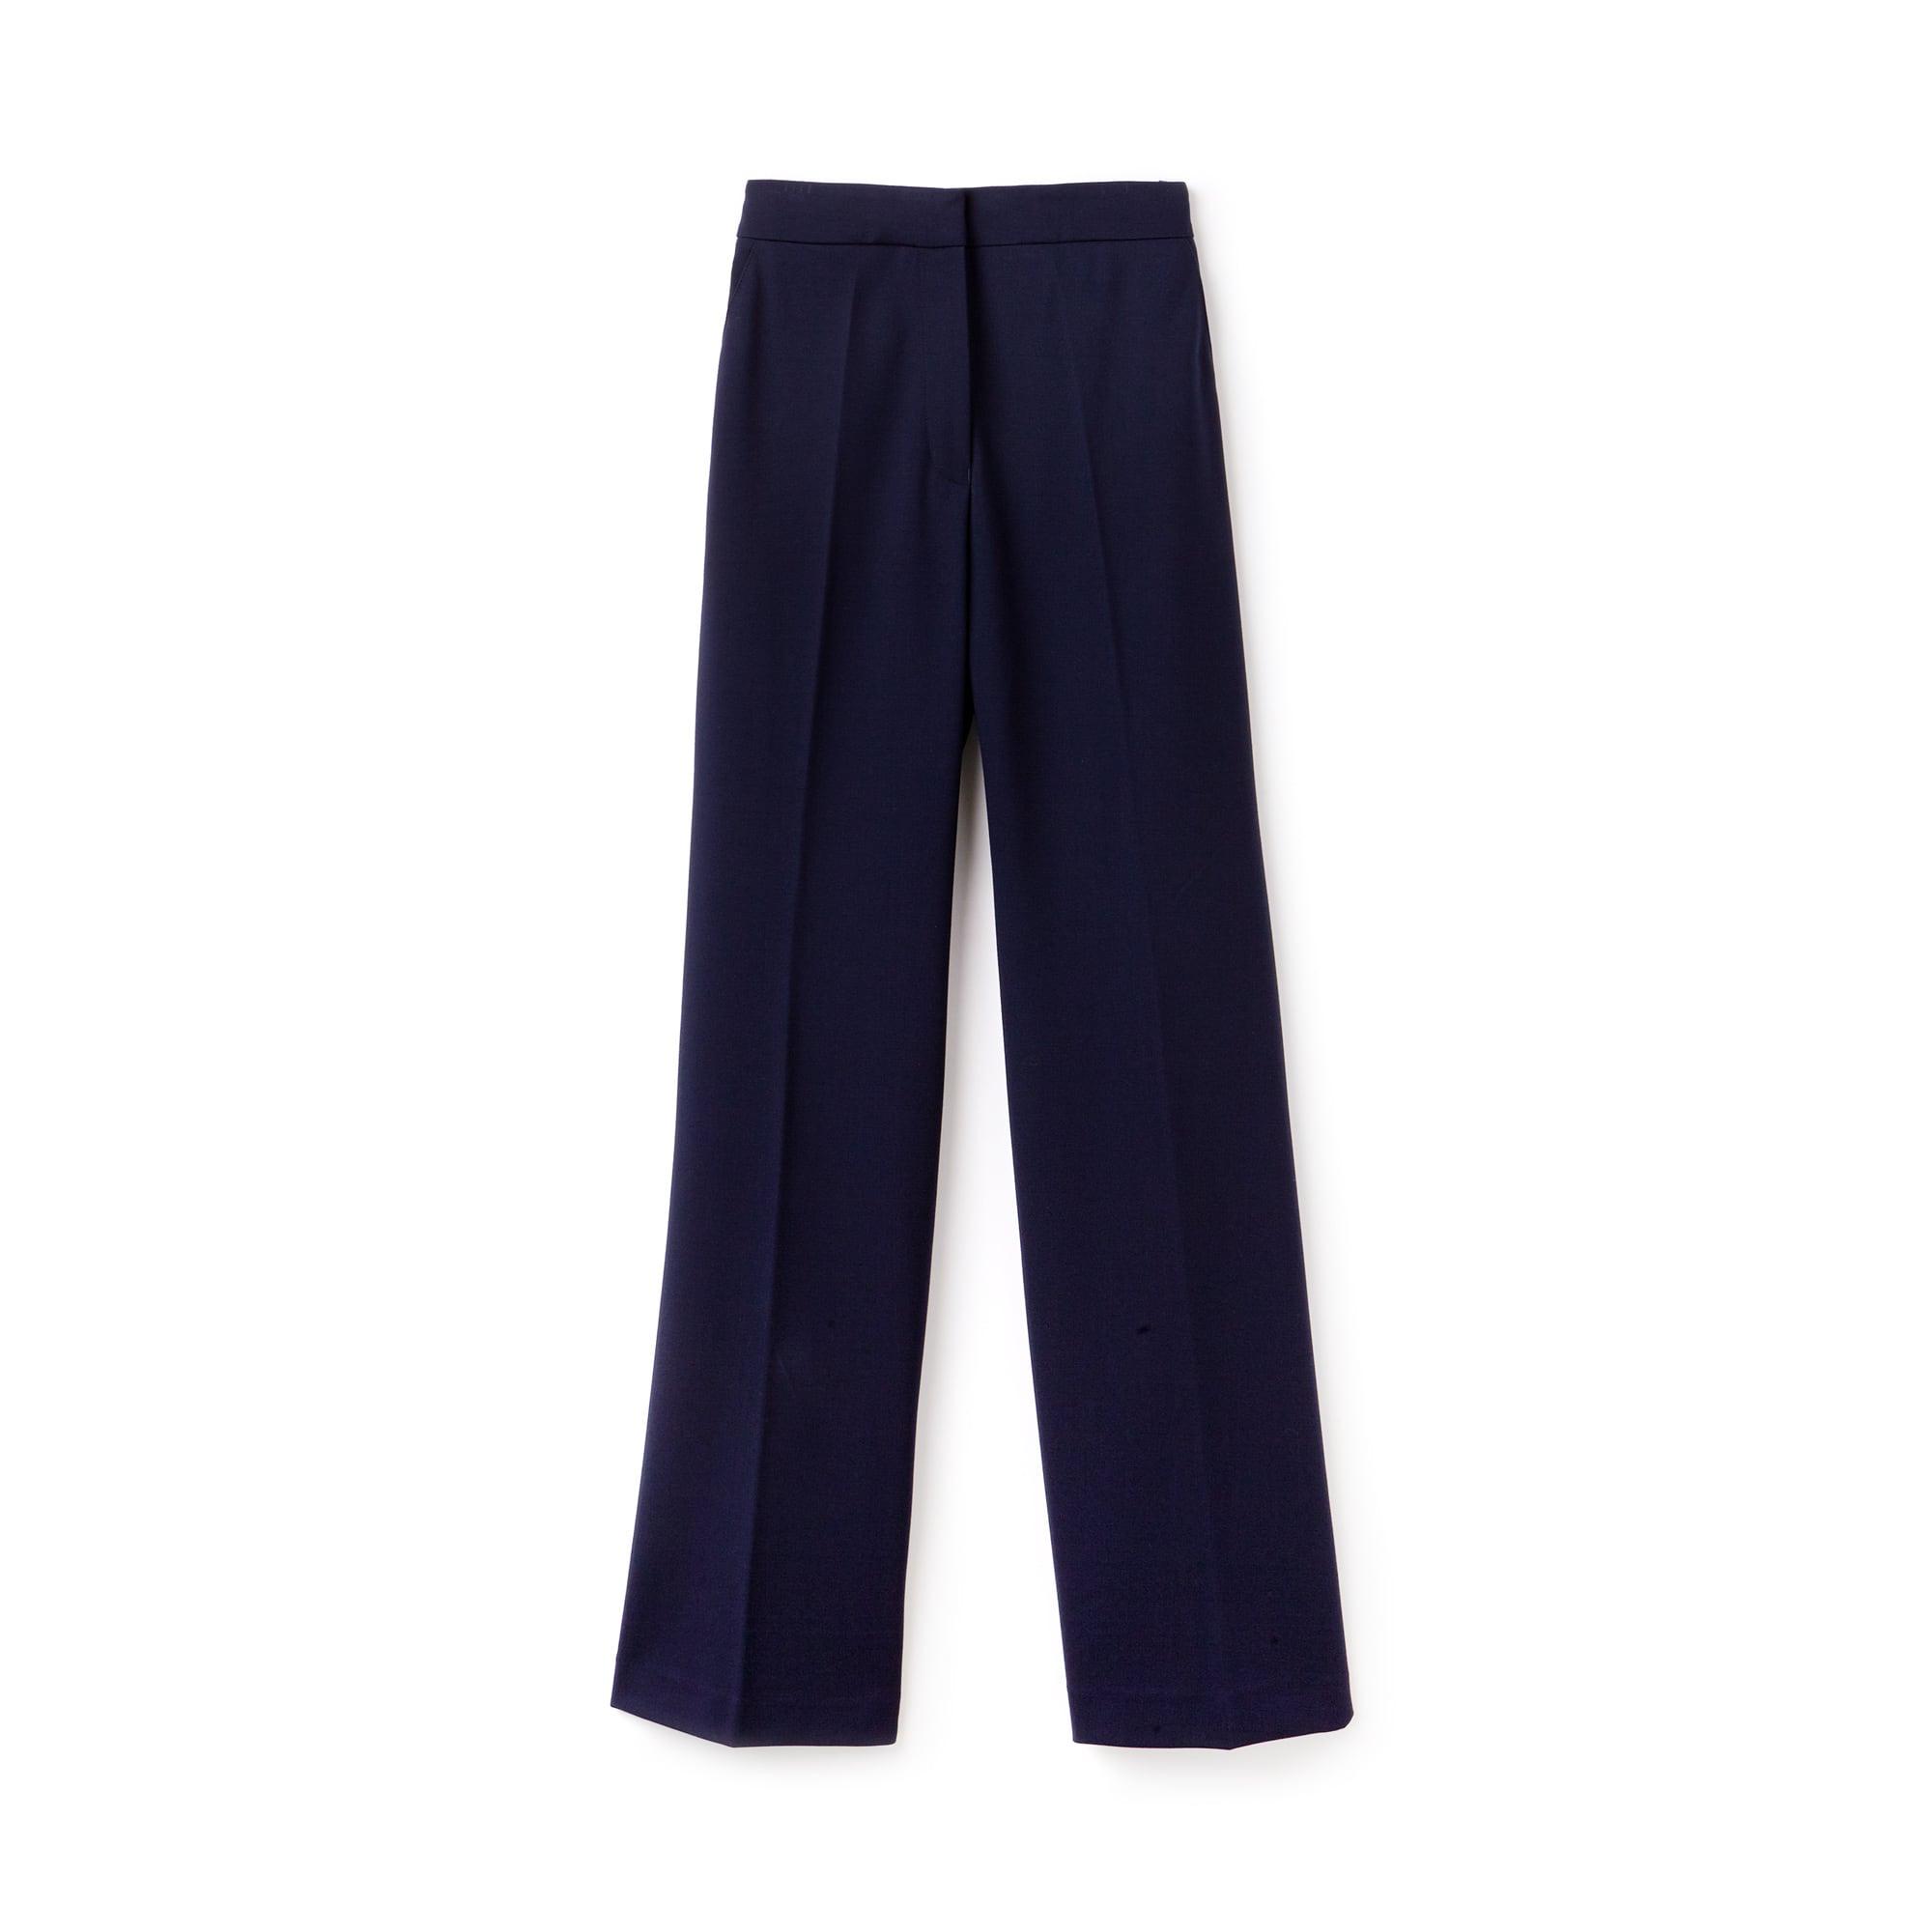 Pantaloni fluidi in maglia Milano stretch tinta unita